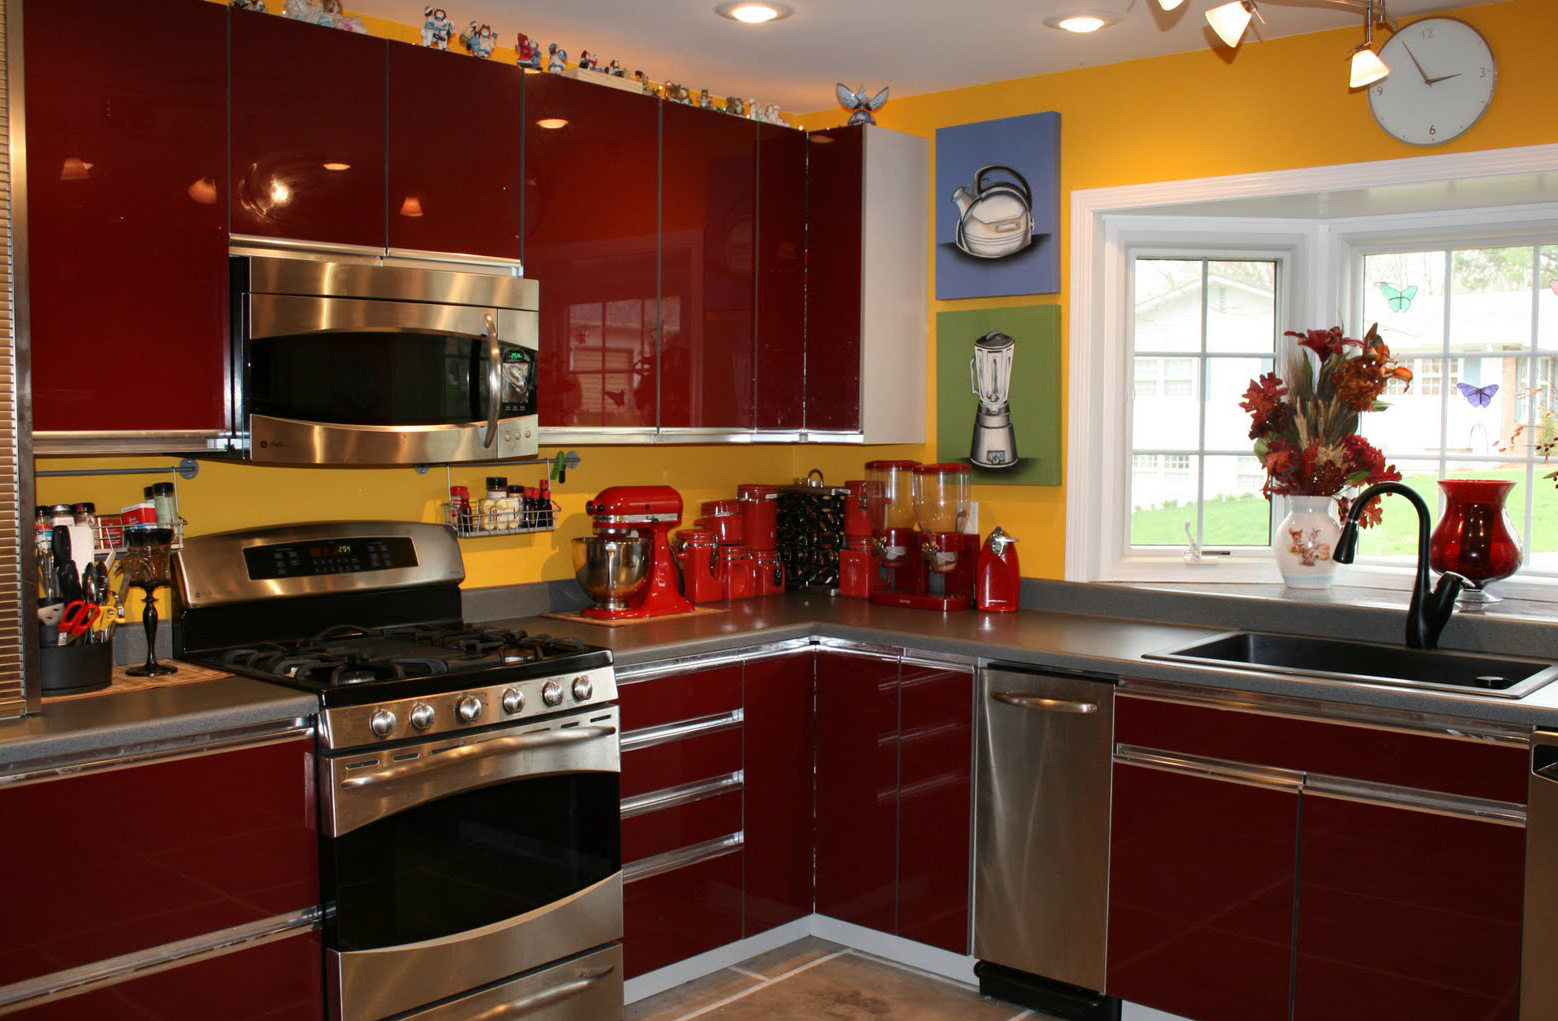 kitchen design ideas red photo - 8